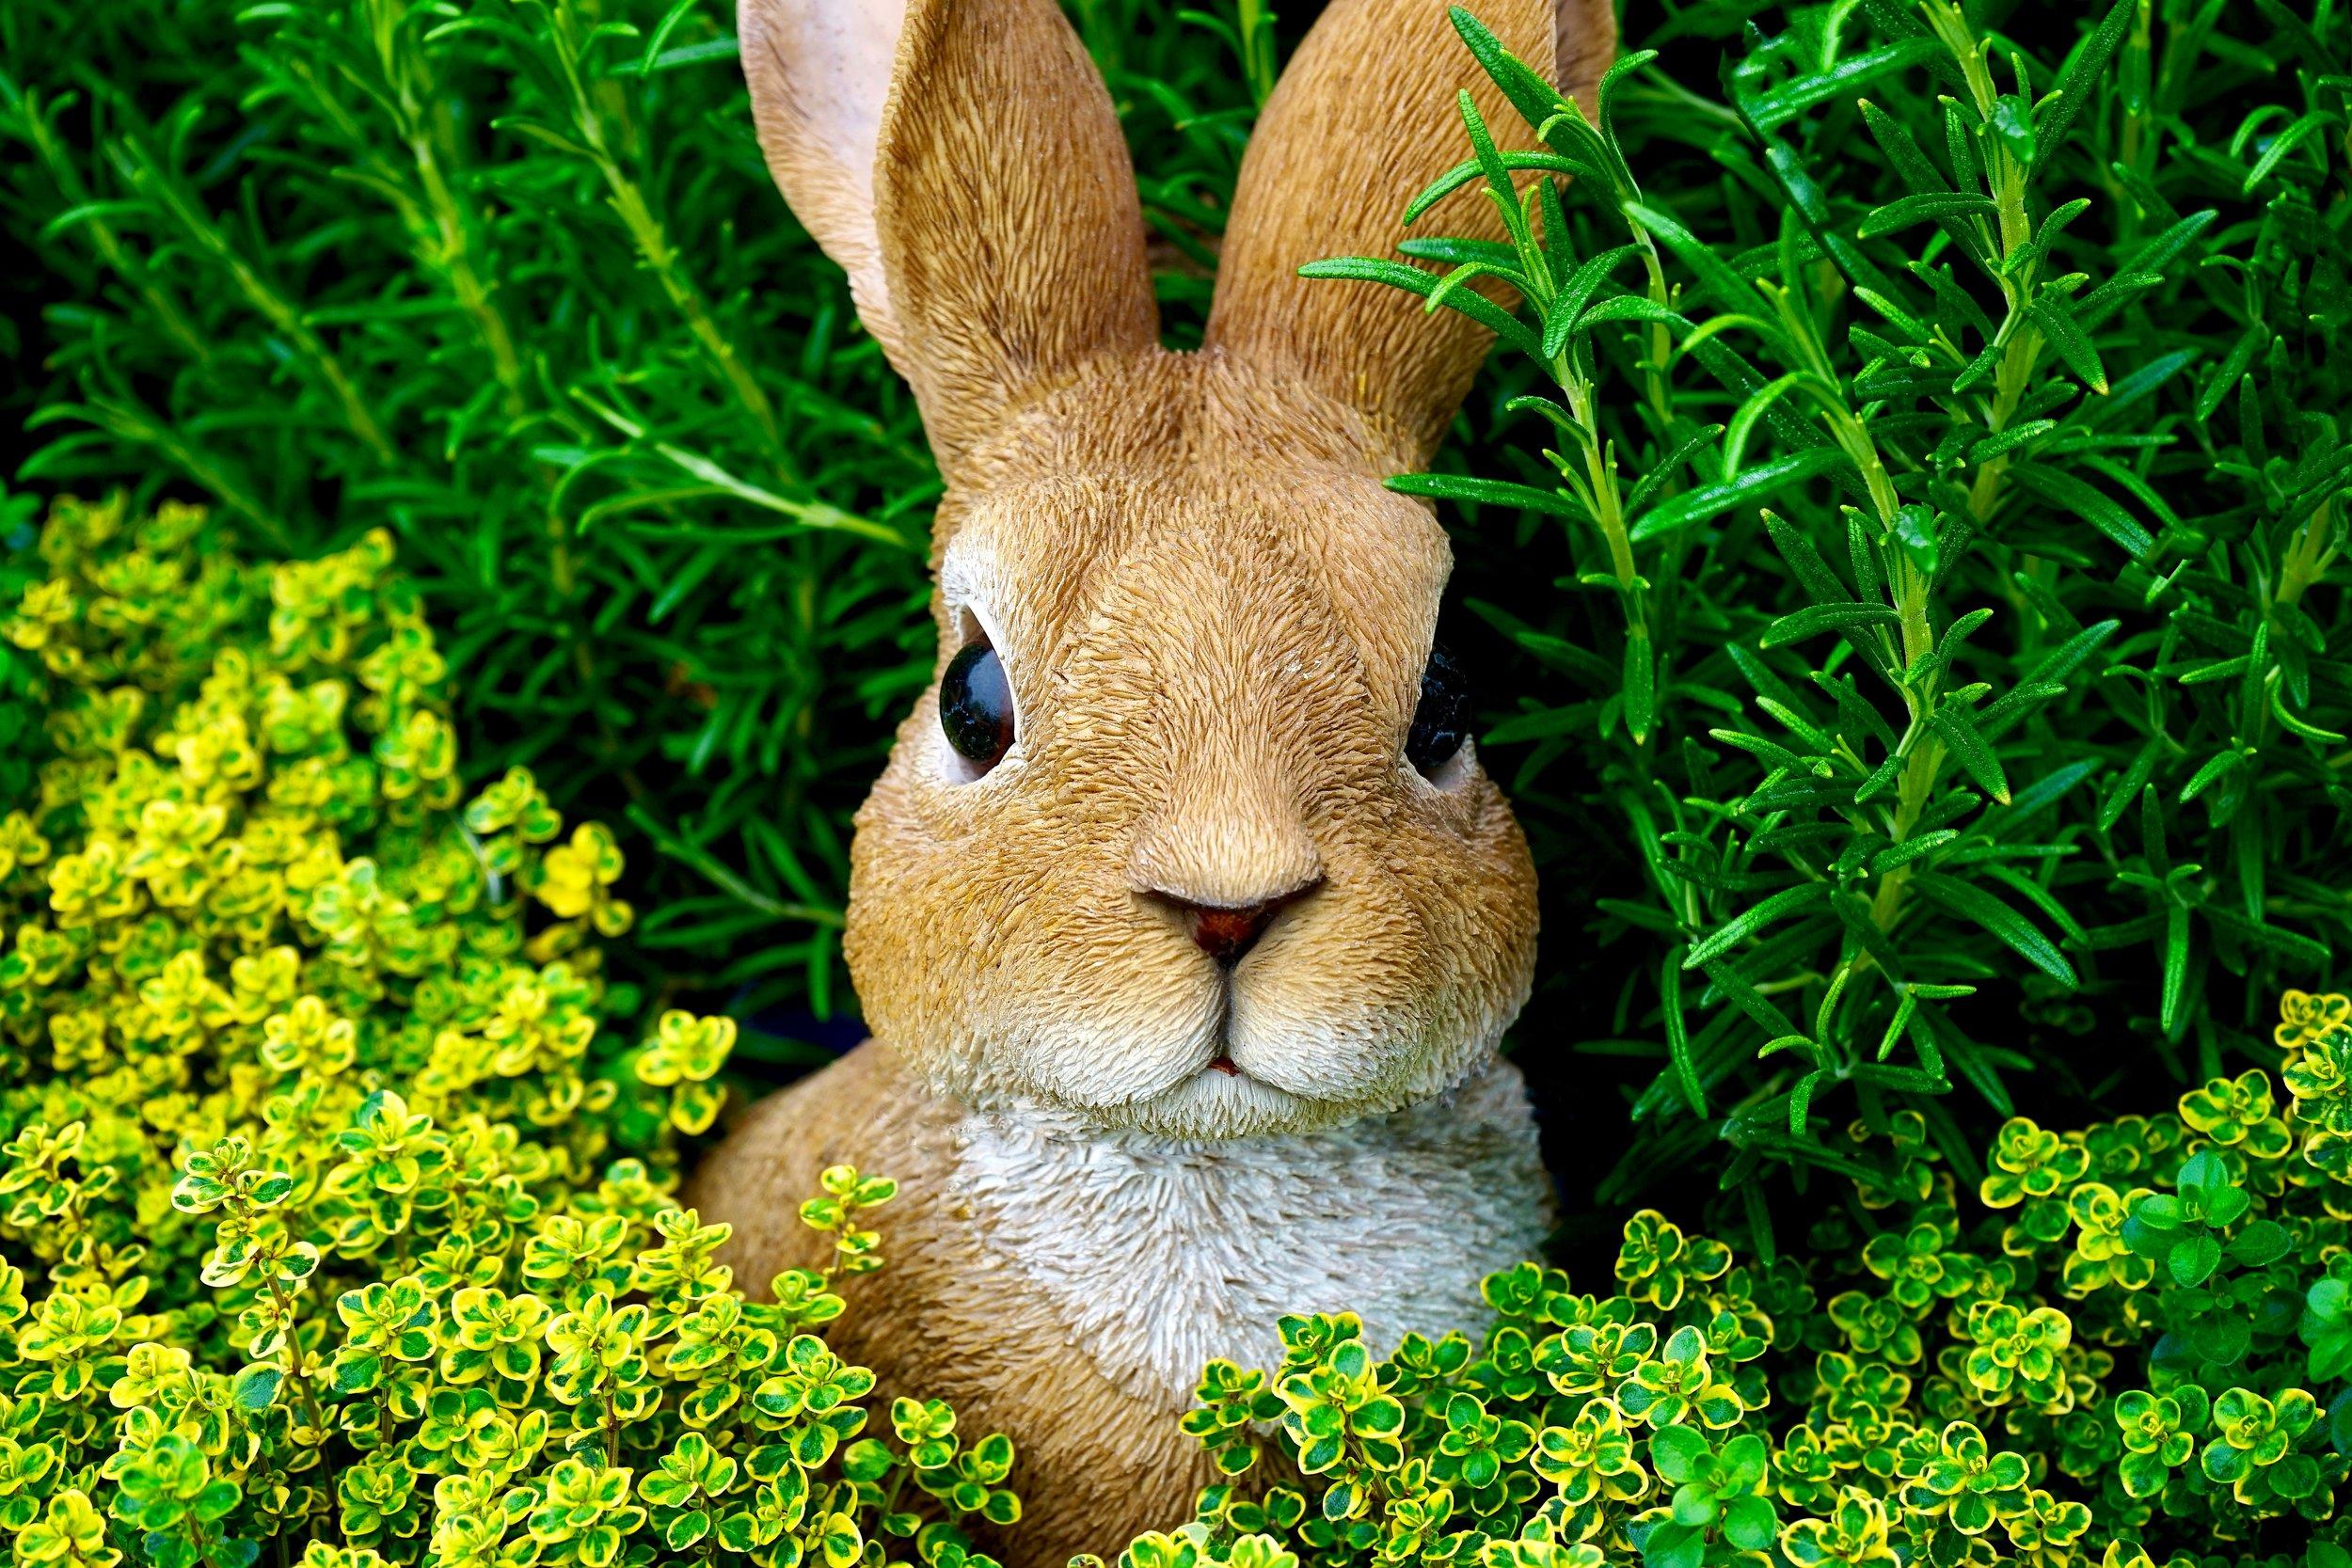 bunny-cute-ears-383557.jpg